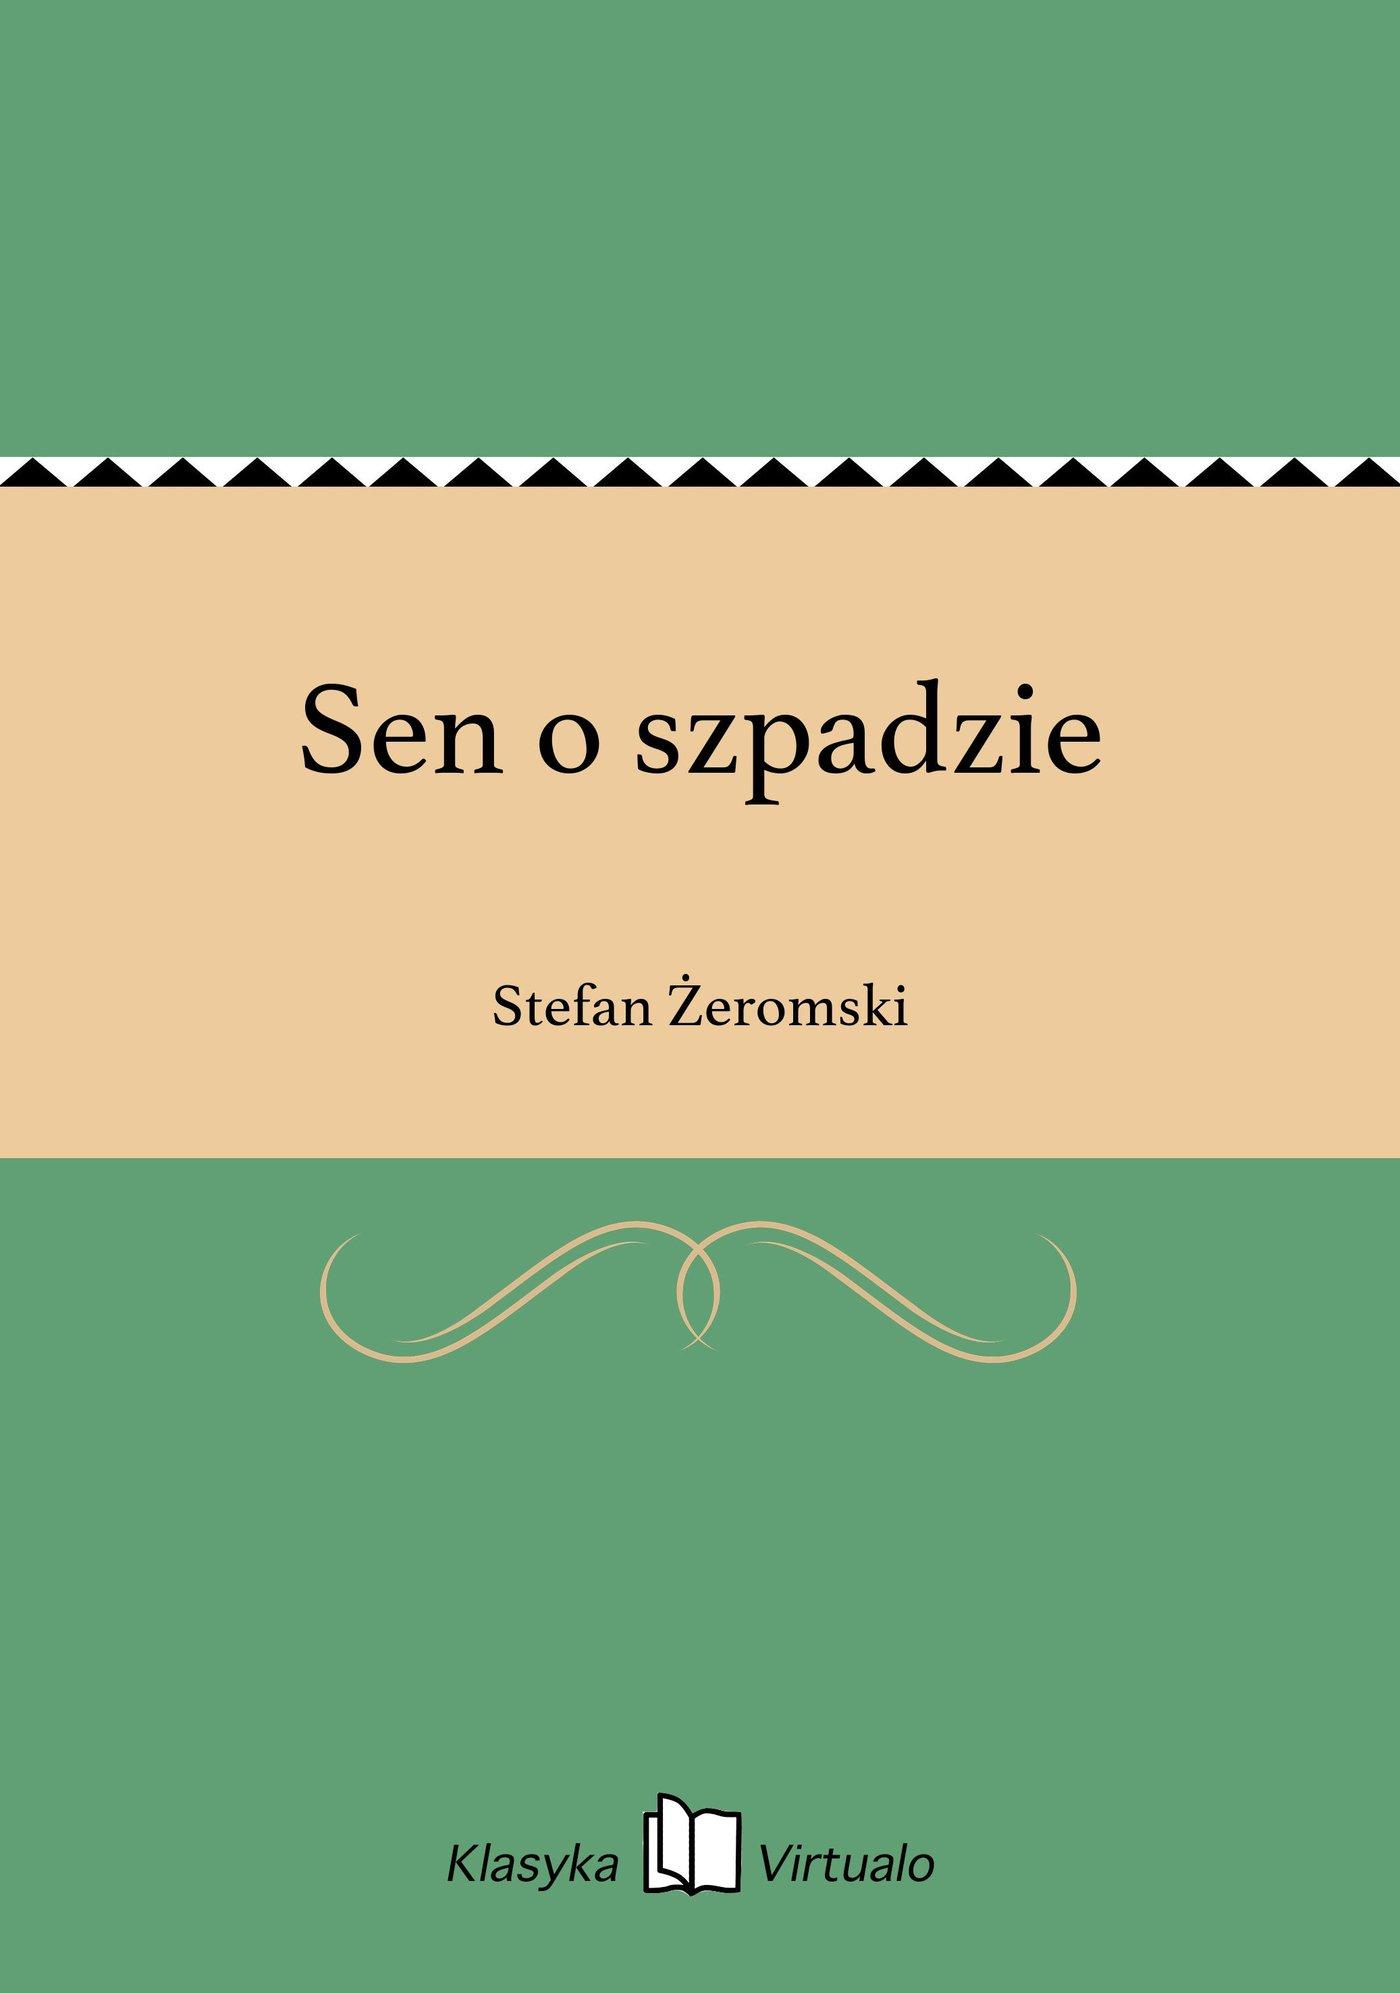 Sen o szpadzie - Ebook (Książka EPUB) do pobrania w formacie EPUB